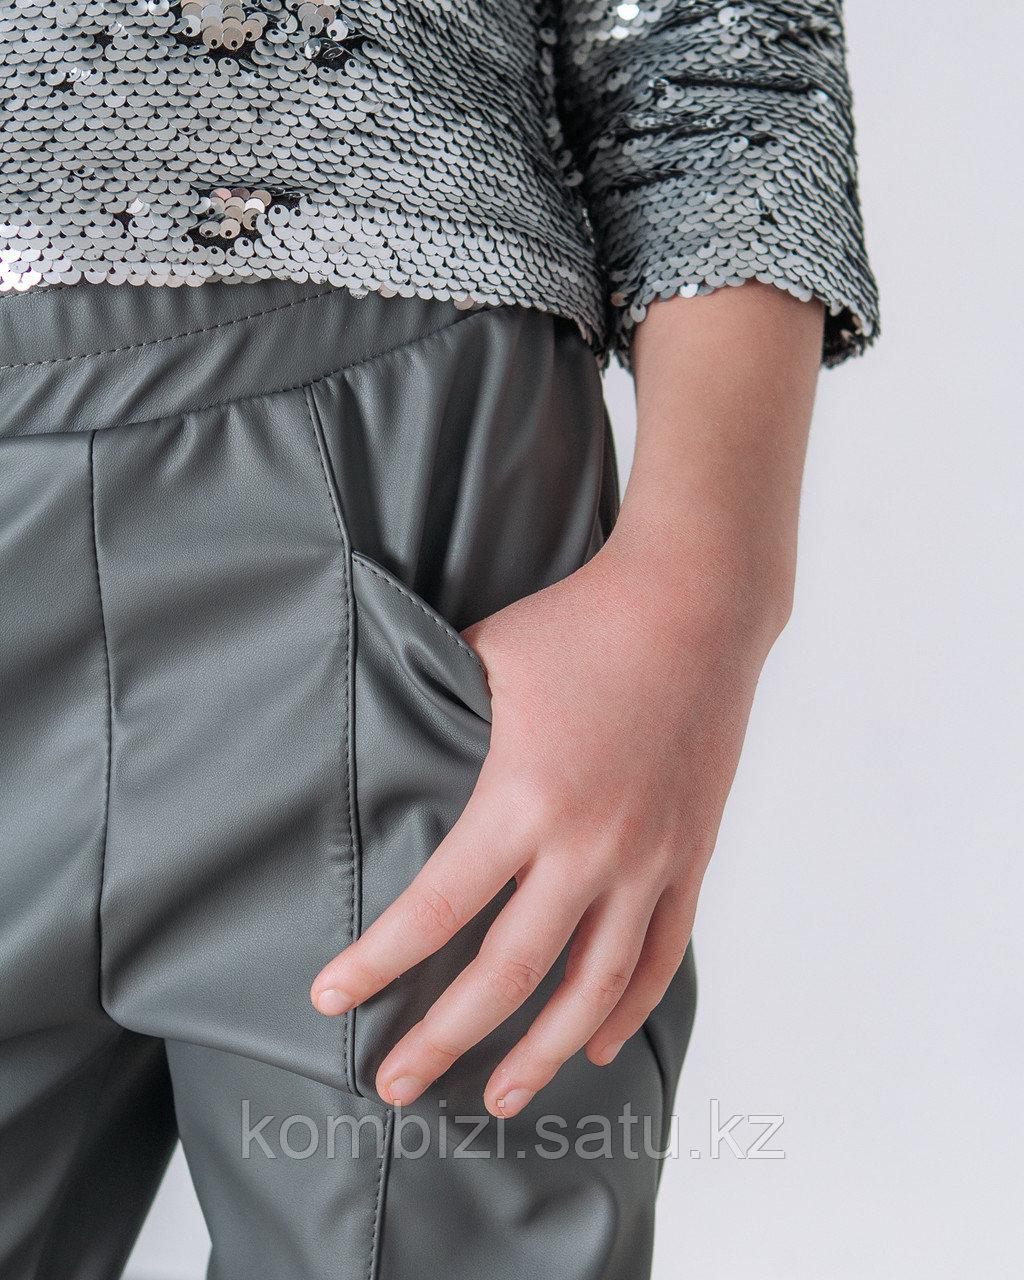 Штаны из экокожи FOR KIDS, серые - фото 2